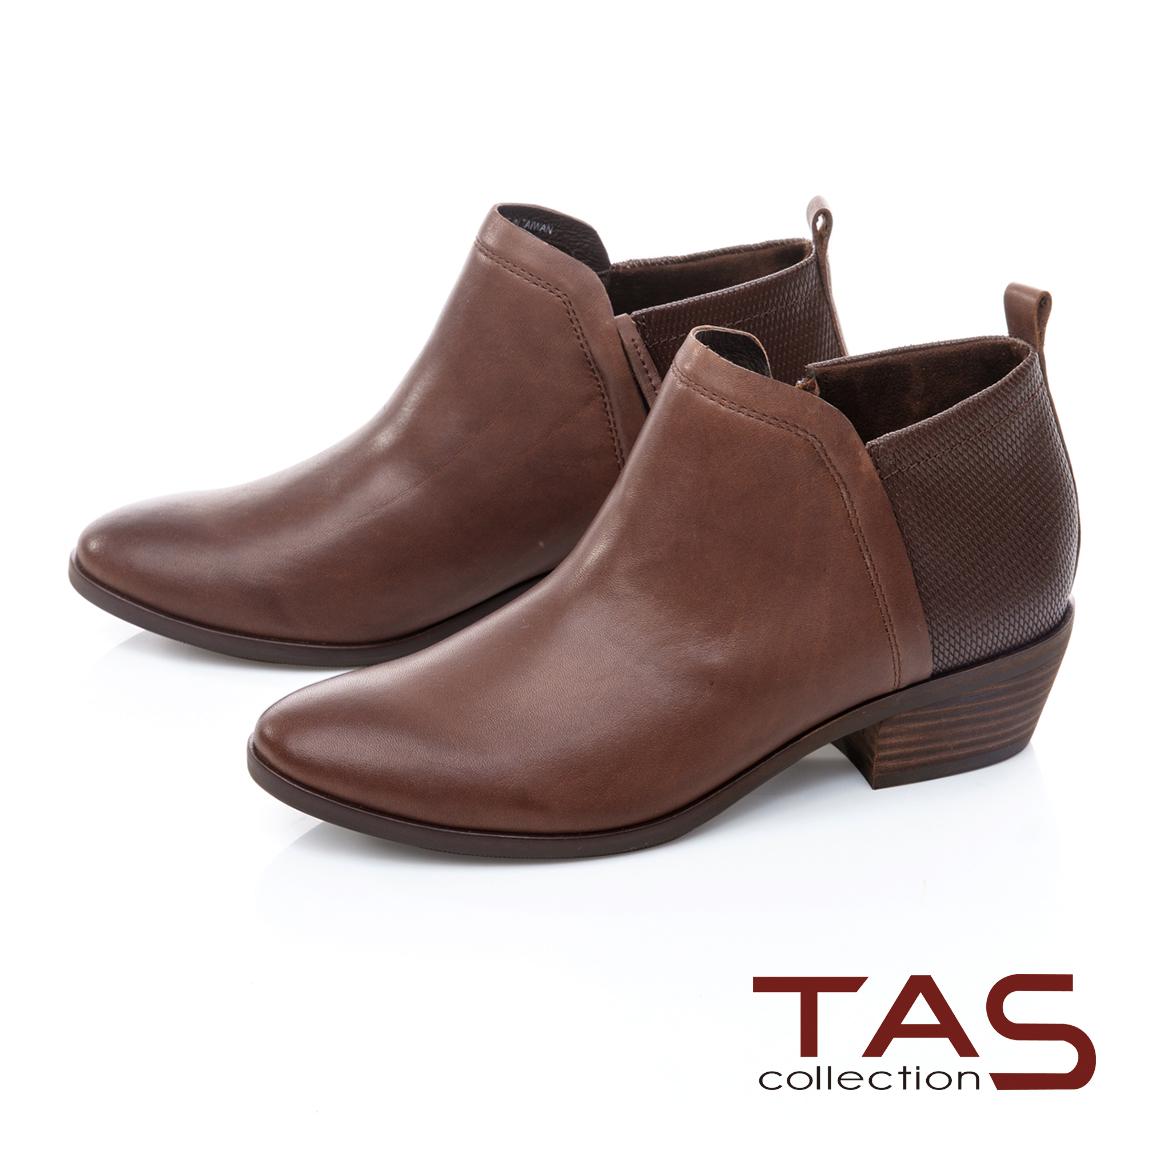 TAS素面牛皮粗跟短靴-焦糖咖